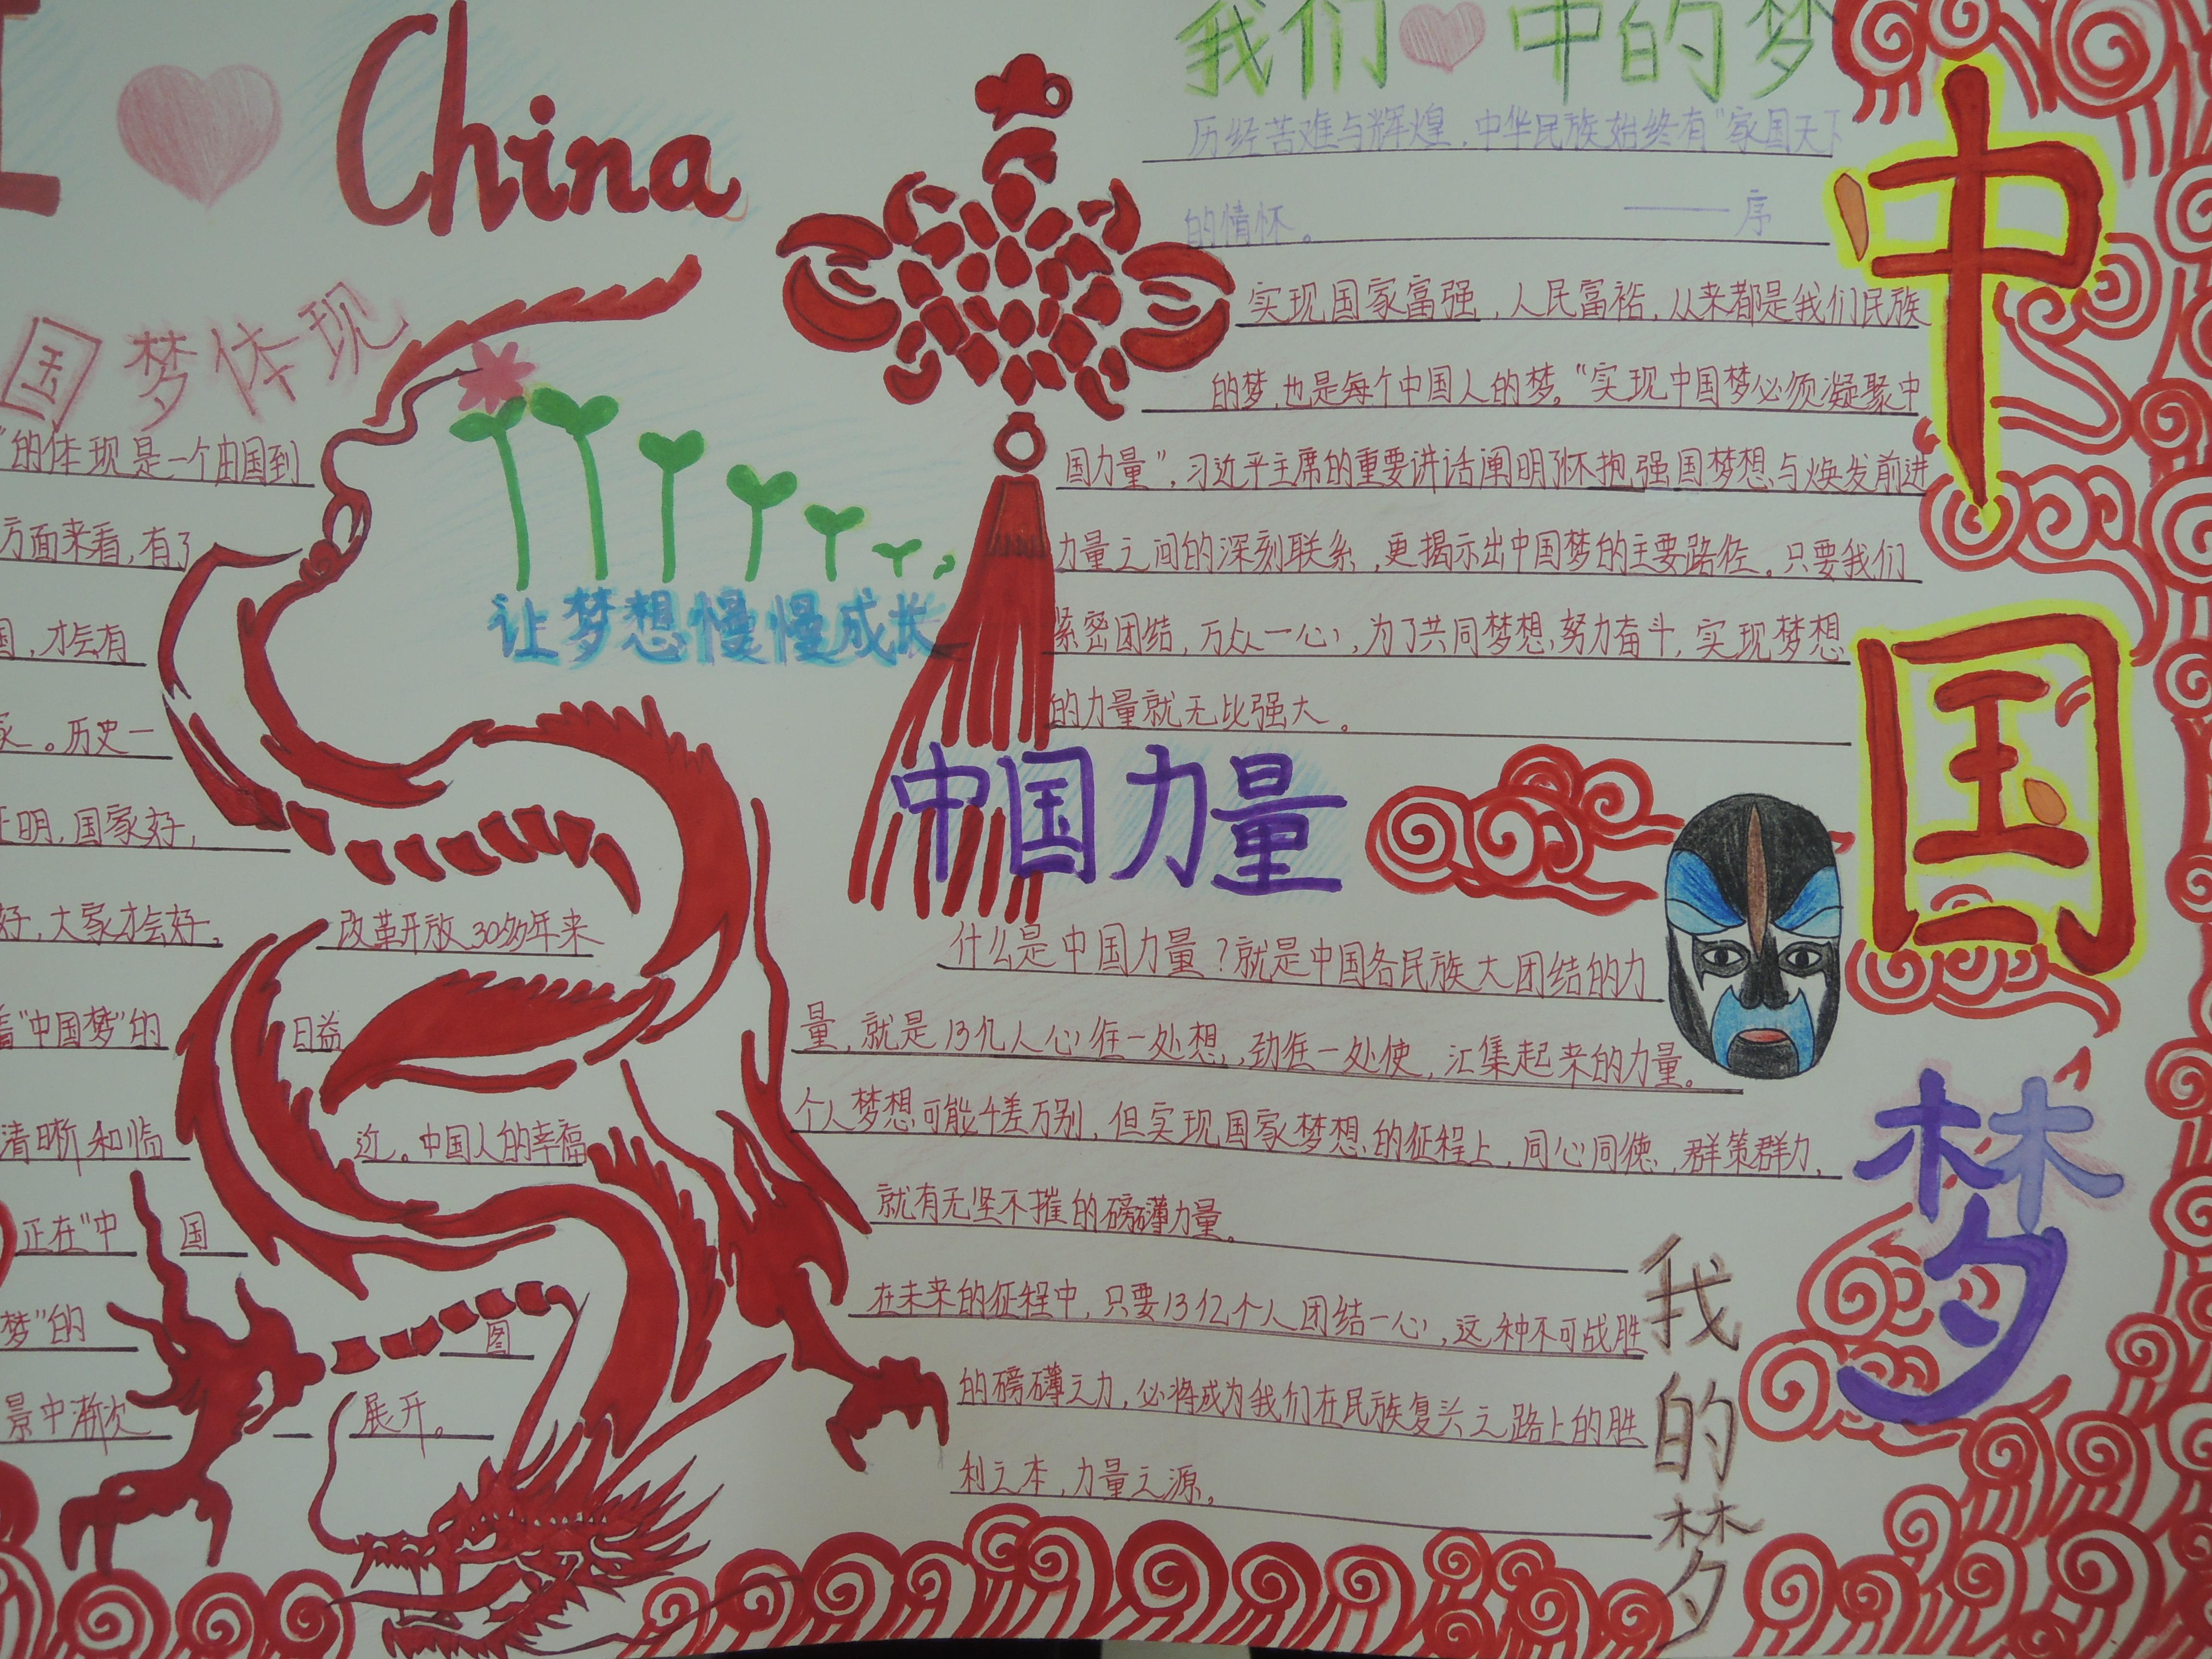 """""""中国梦手抄报"""" - 红领巾相约中国梦动态上传 - 活动"""